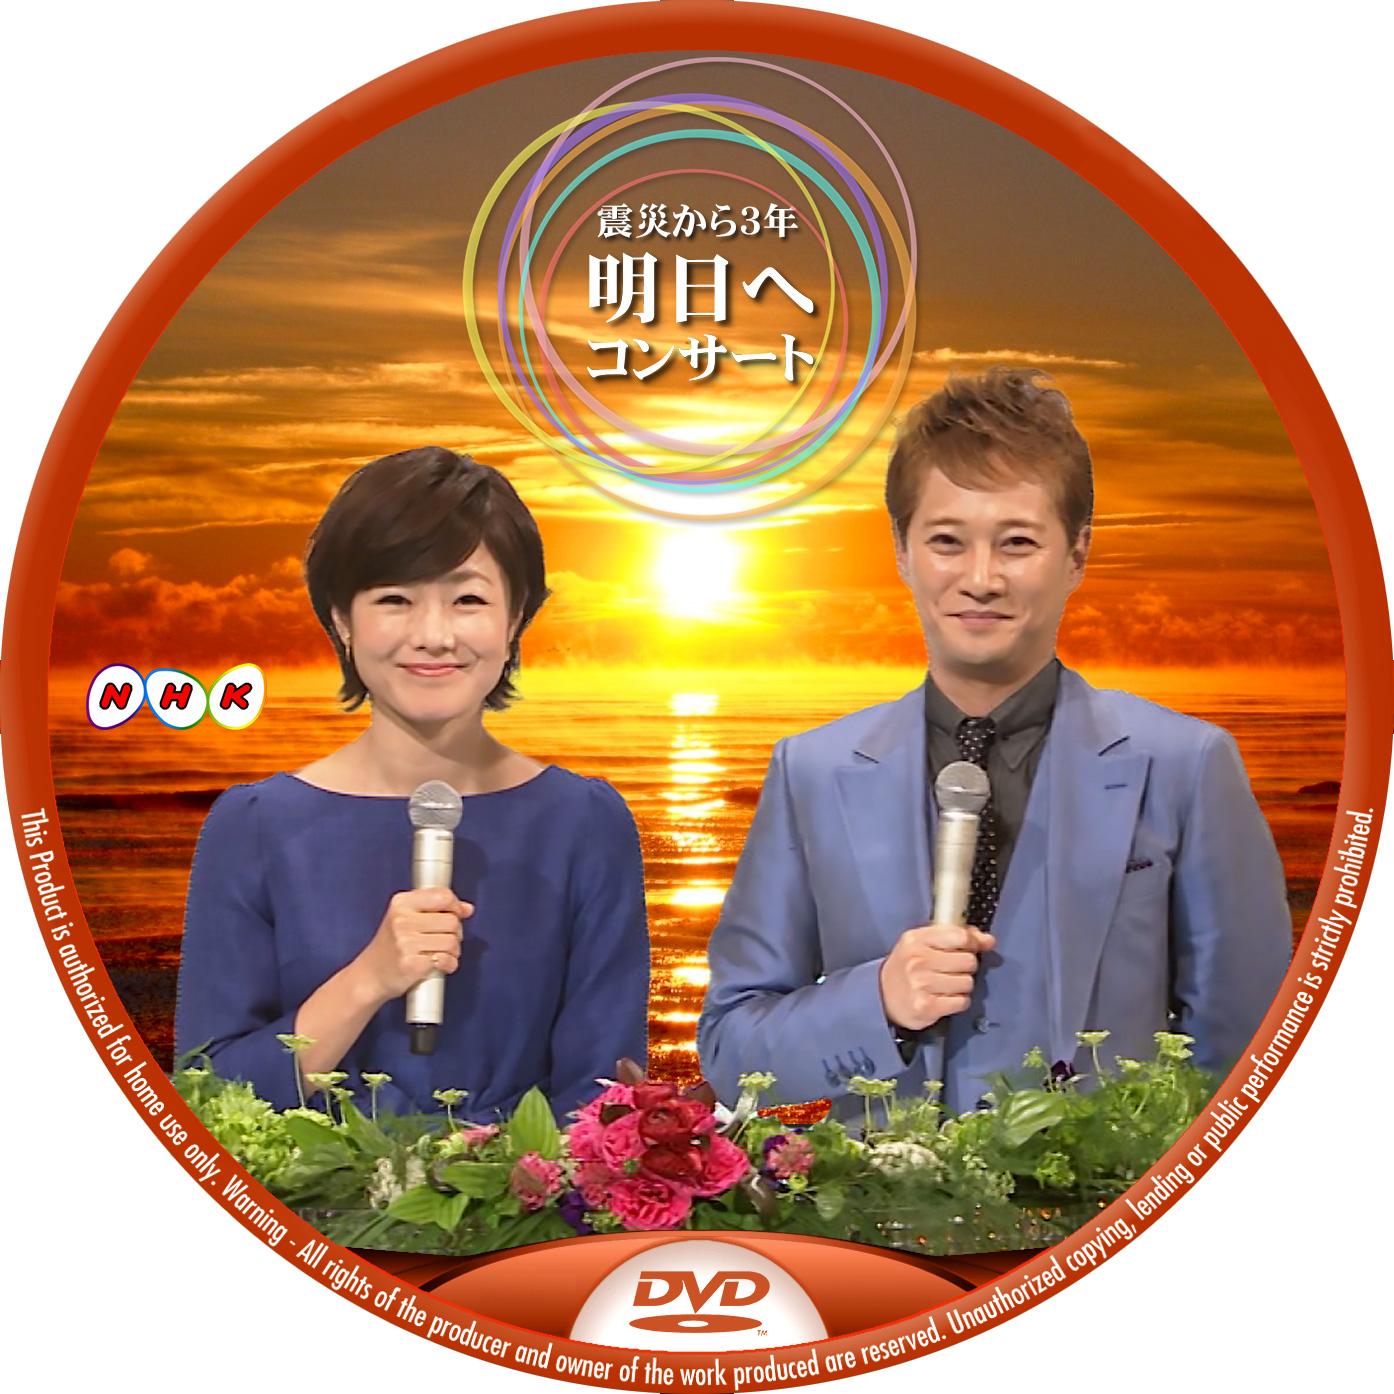 震災から3年 明日へコンサート DVDラベル